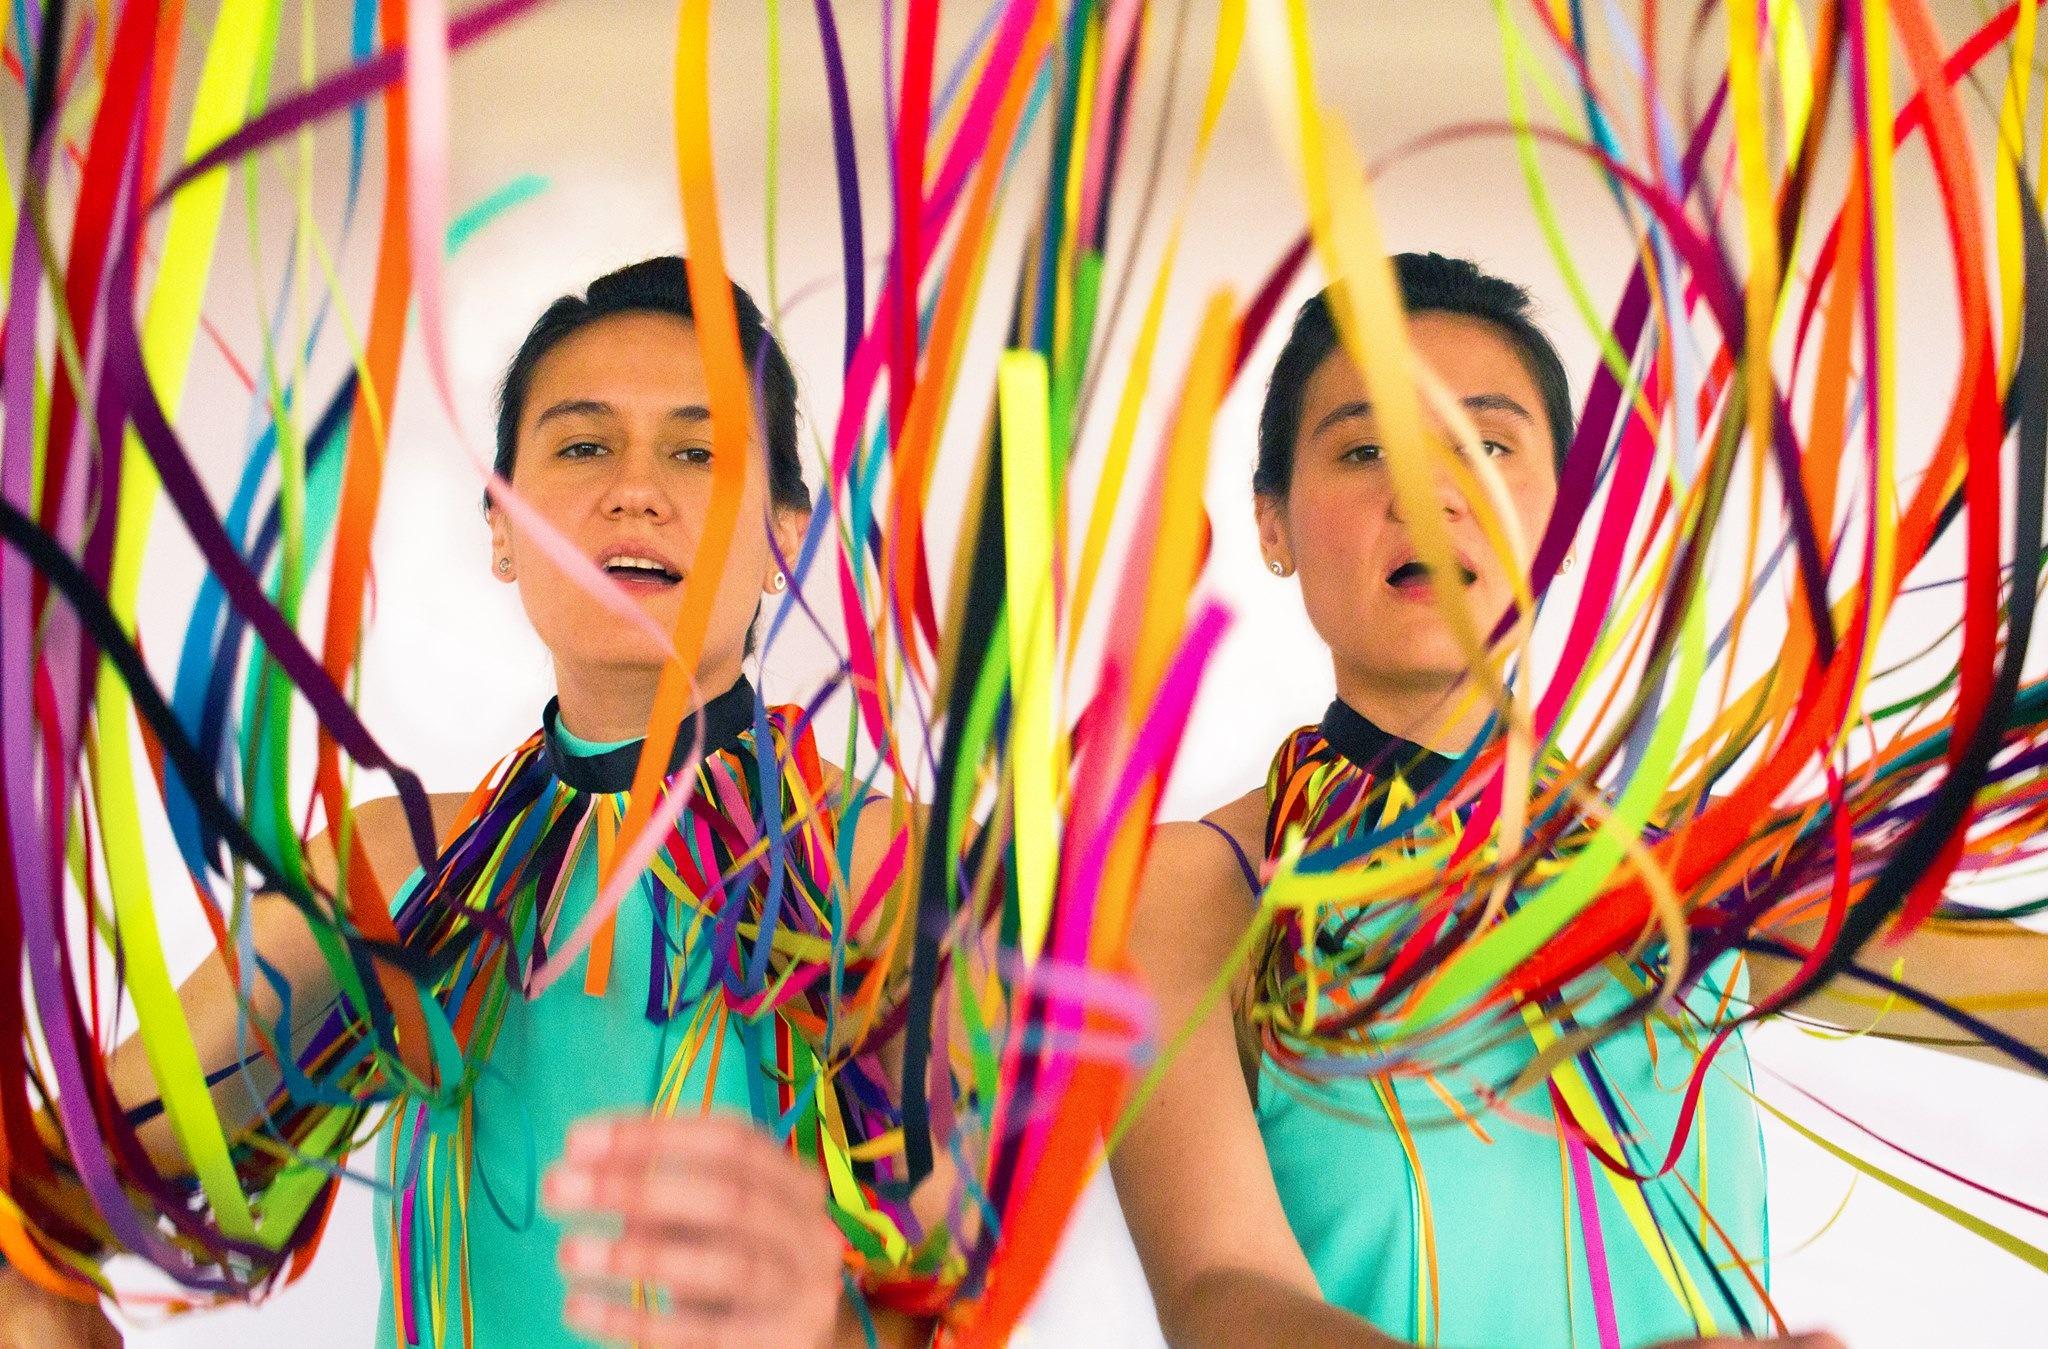 El dúo colombiano 'Las Áñez' mezcla folclore y vanguardia en su próximo concierto en el Auditorio Alfredo Kraus